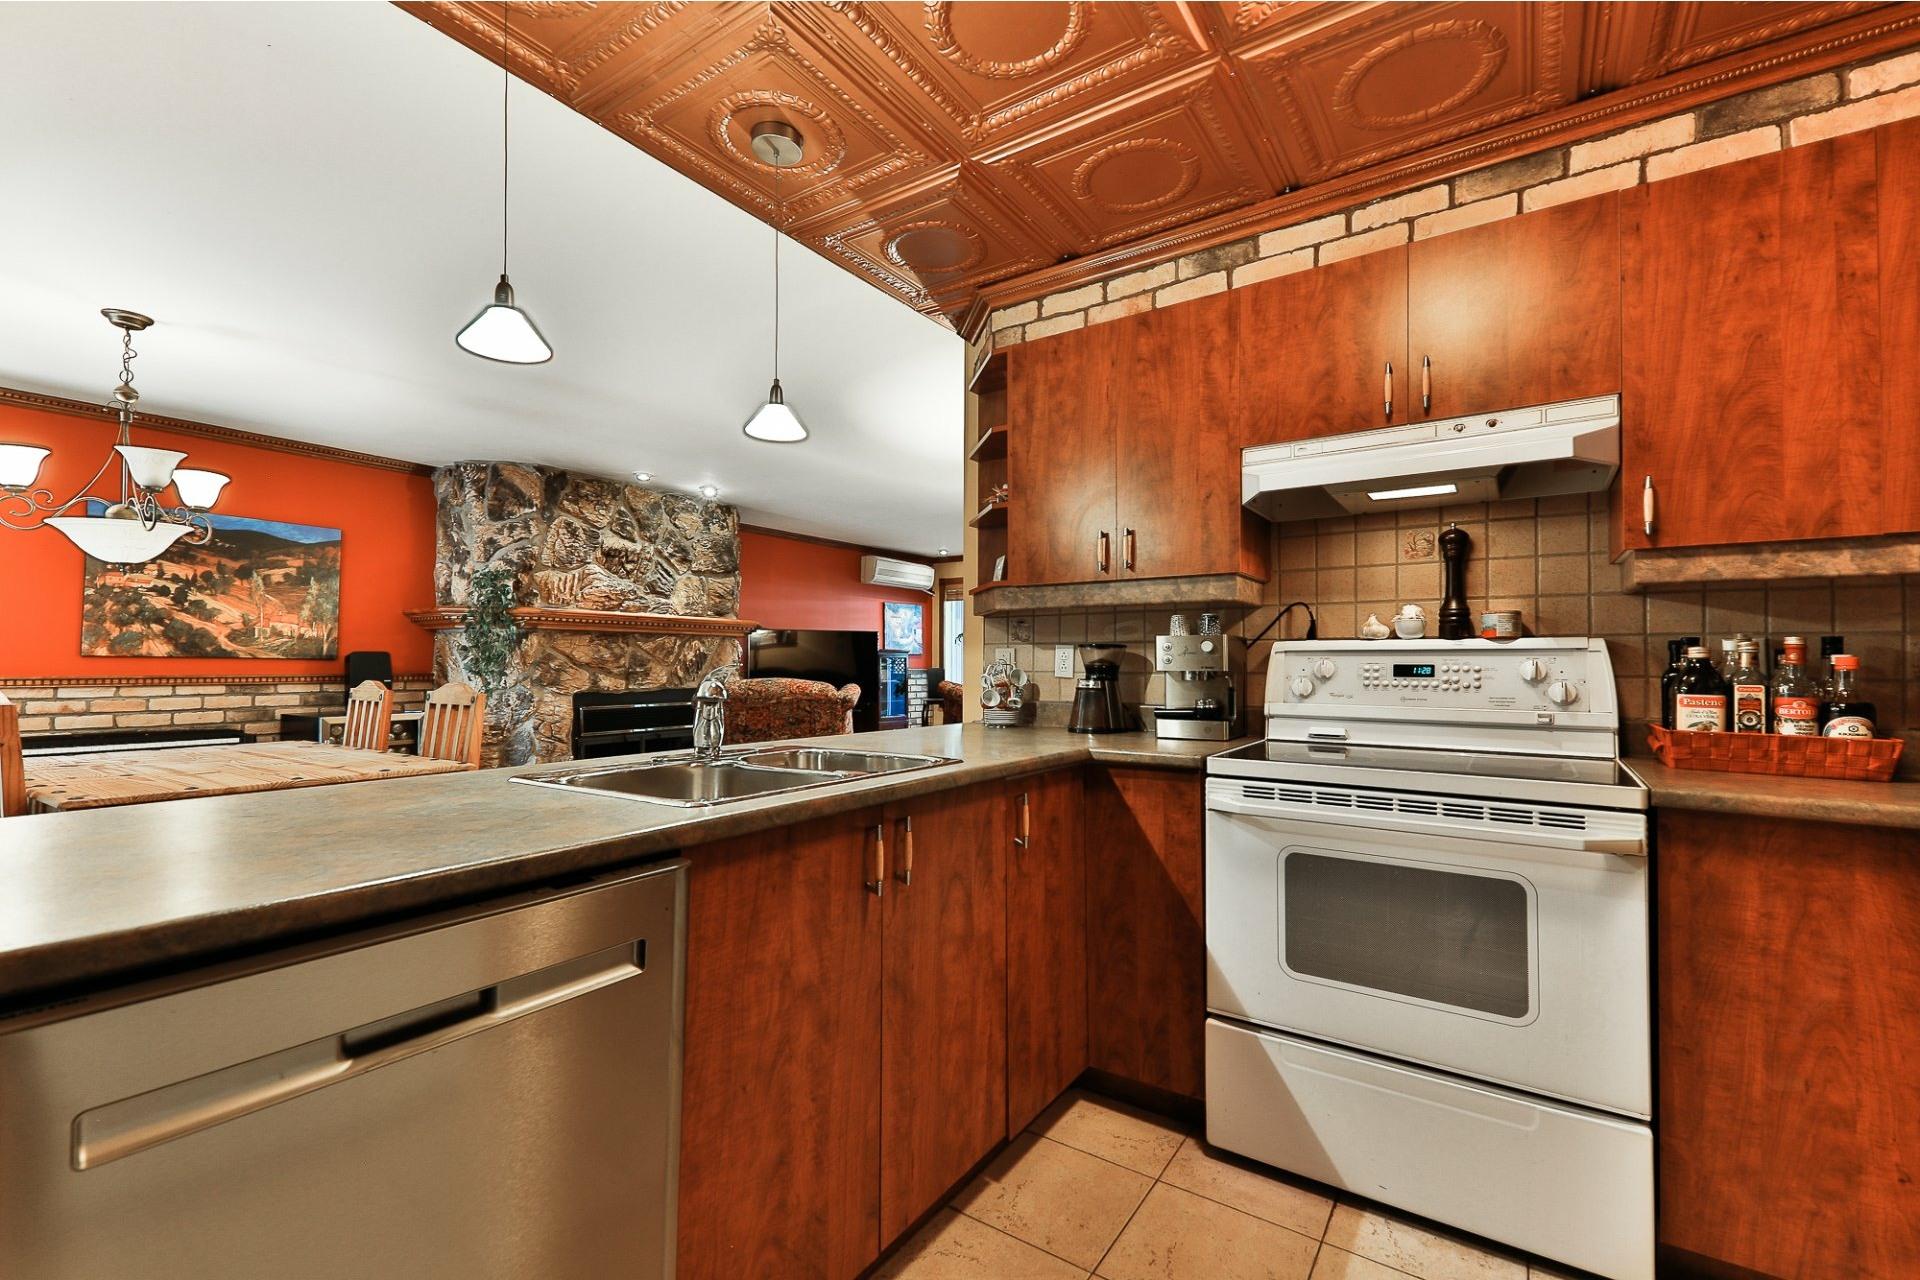 image 14 - Apartment For sale Villeray/Saint-Michel/Parc-Extension Montréal  - 6 rooms